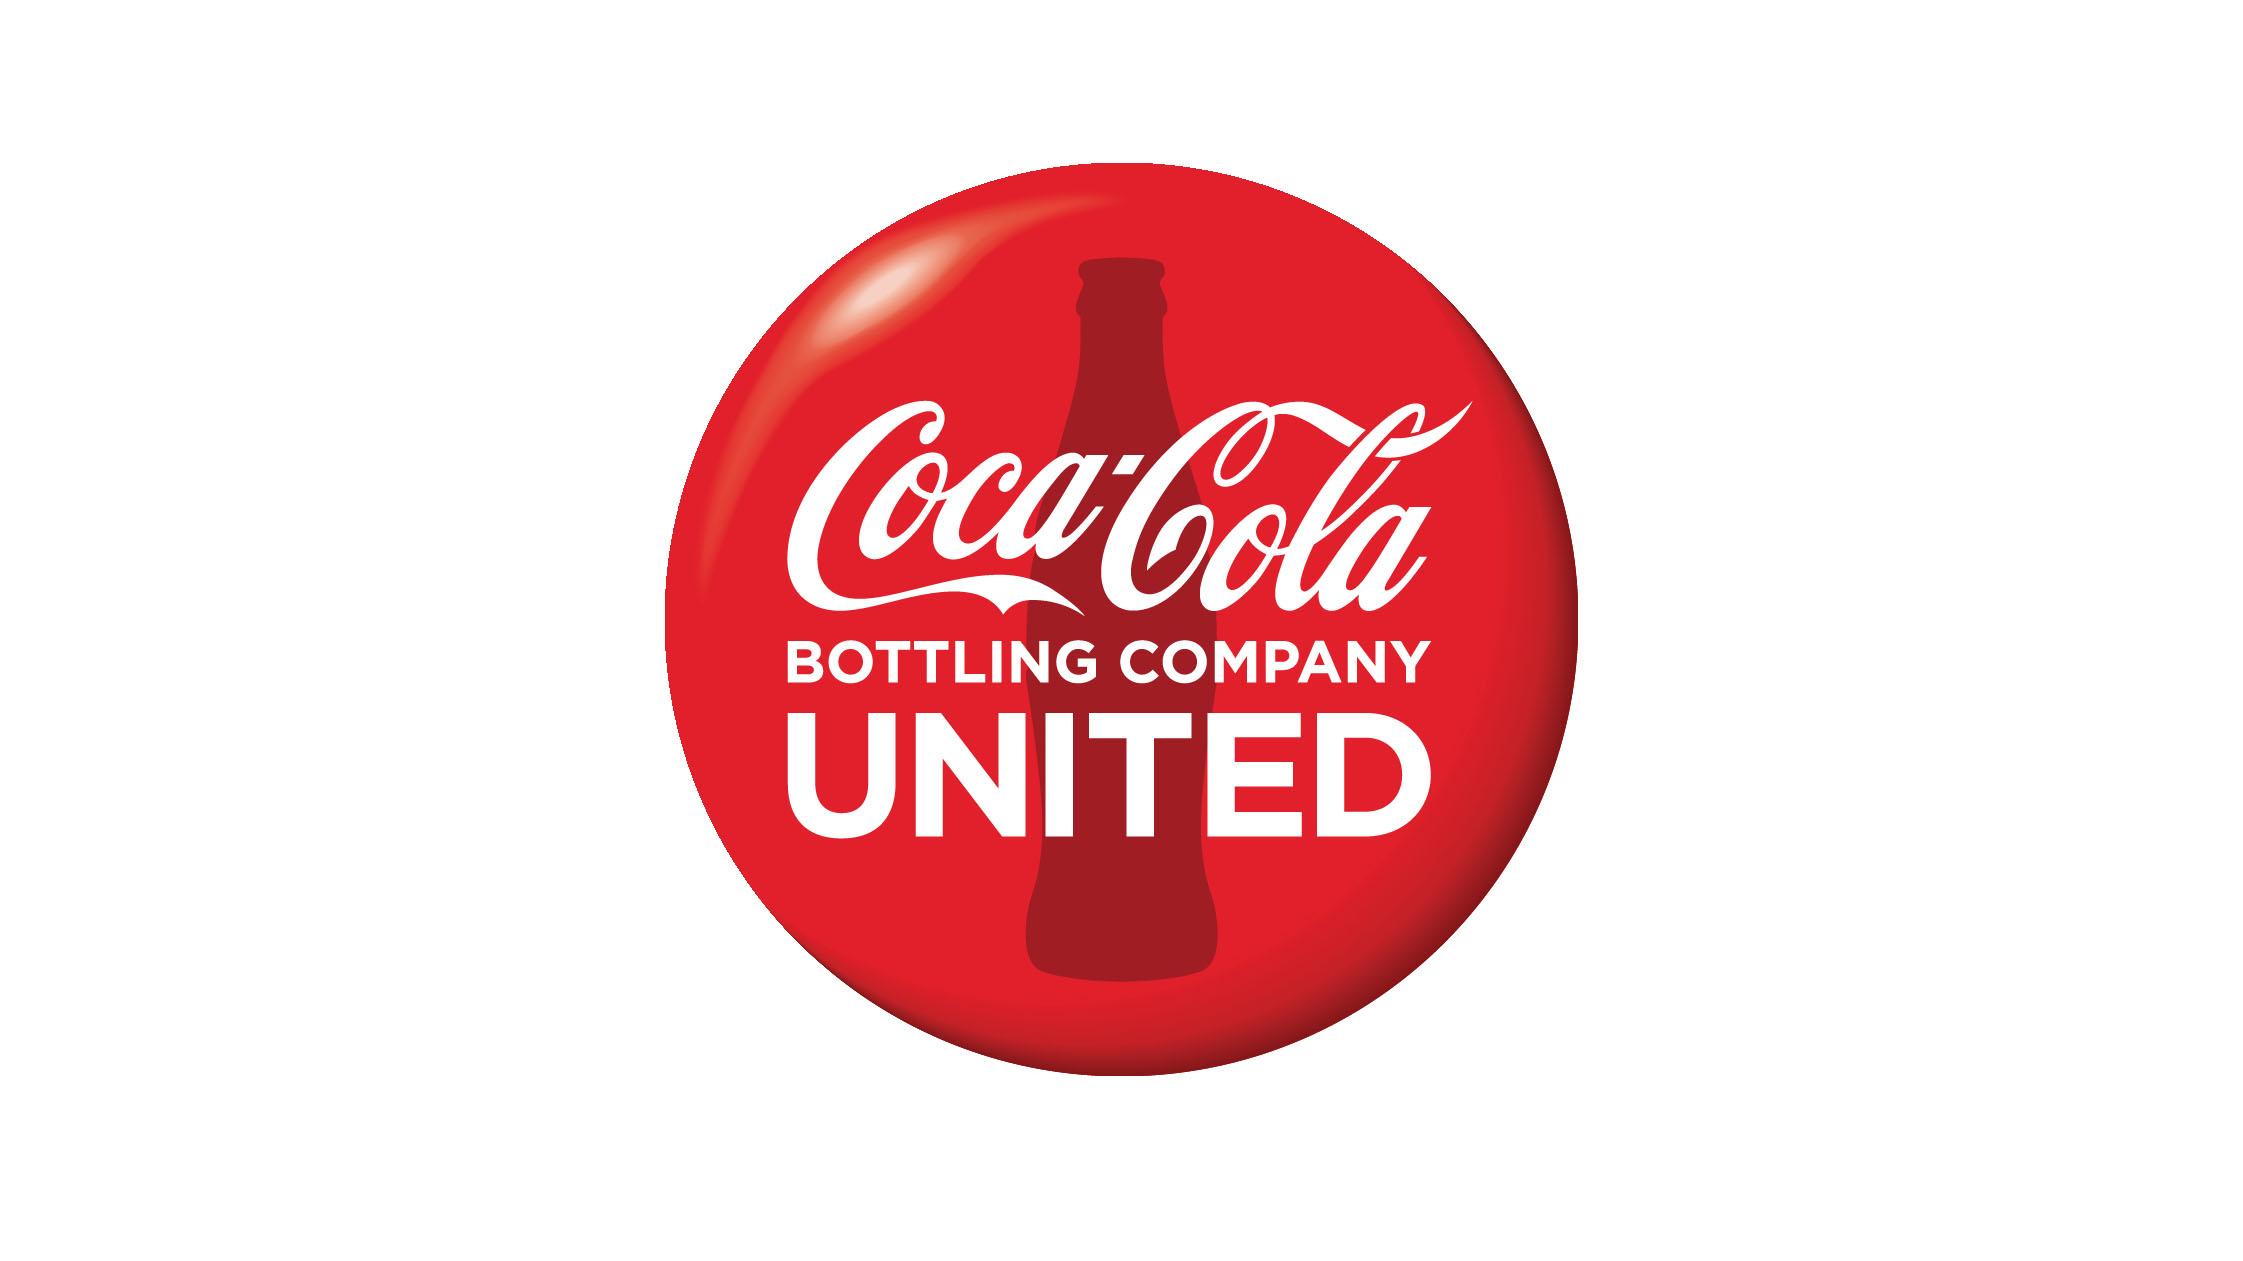 Coco-Cola United button logo